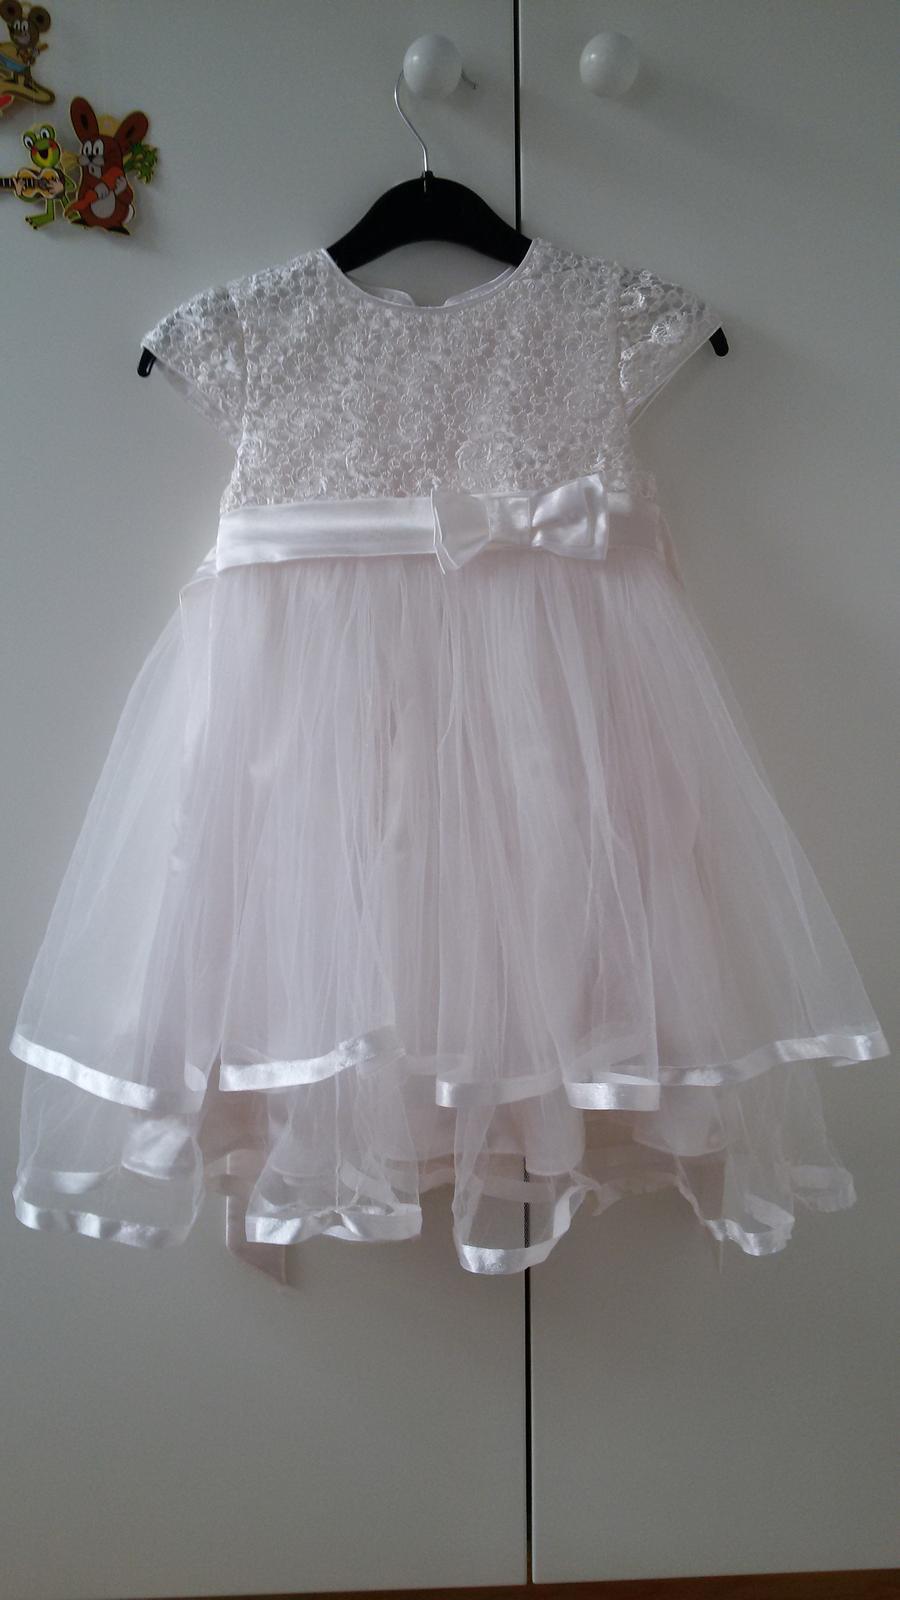 Družičkové šaty - Obrázok č. 1